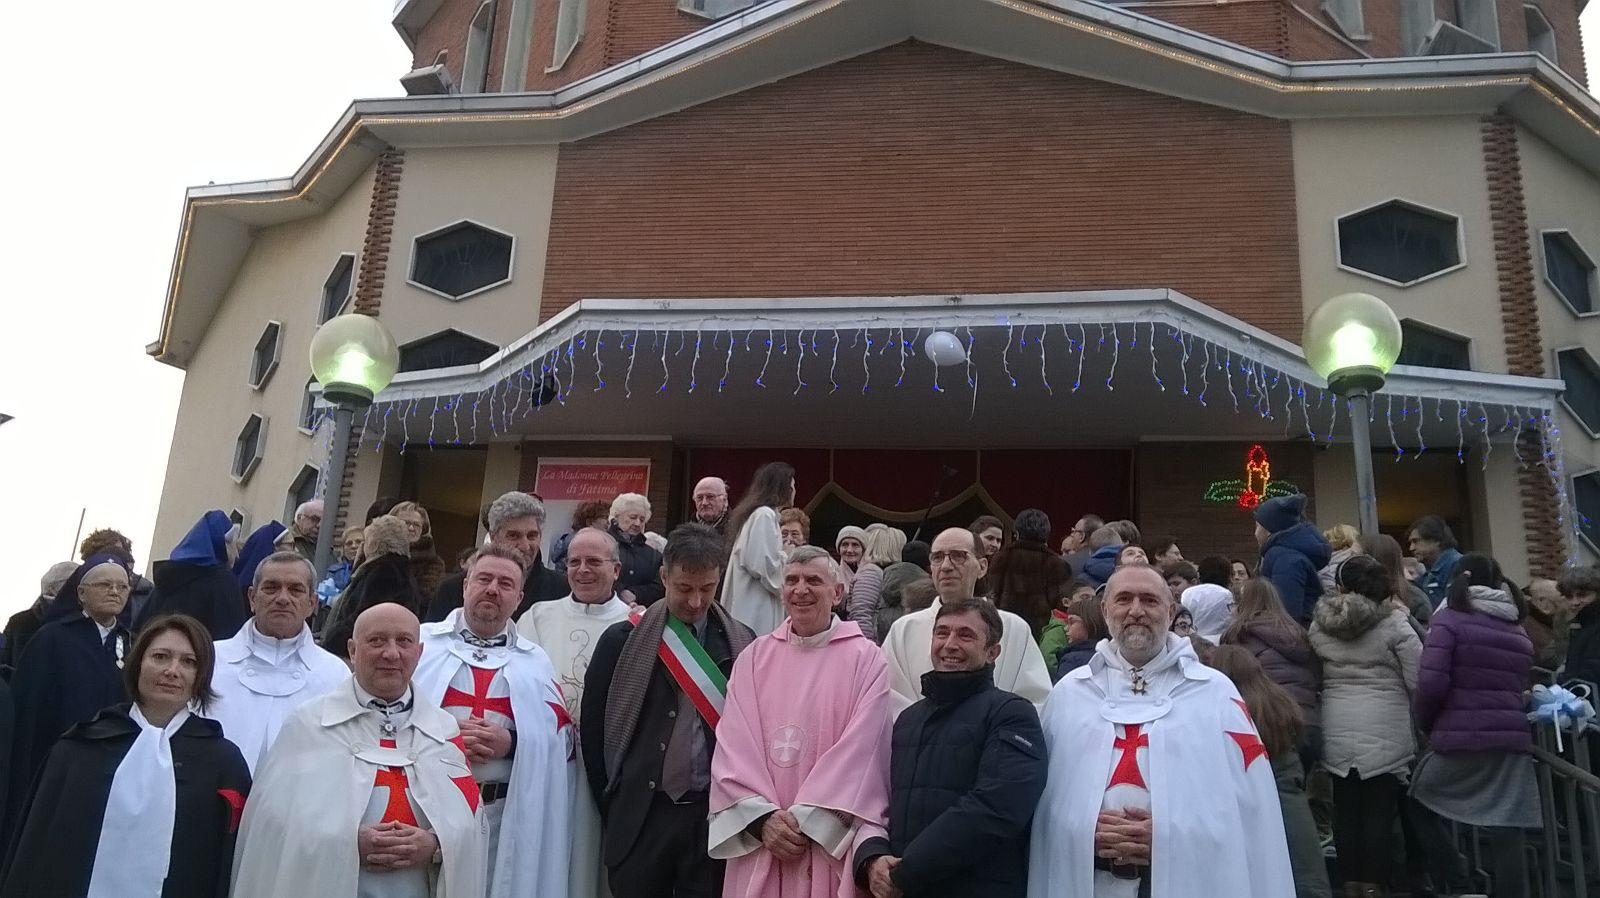 I Templari Cattolici d'Italia scortano la Madonna Pellegrina di Fatima a Vigevano.